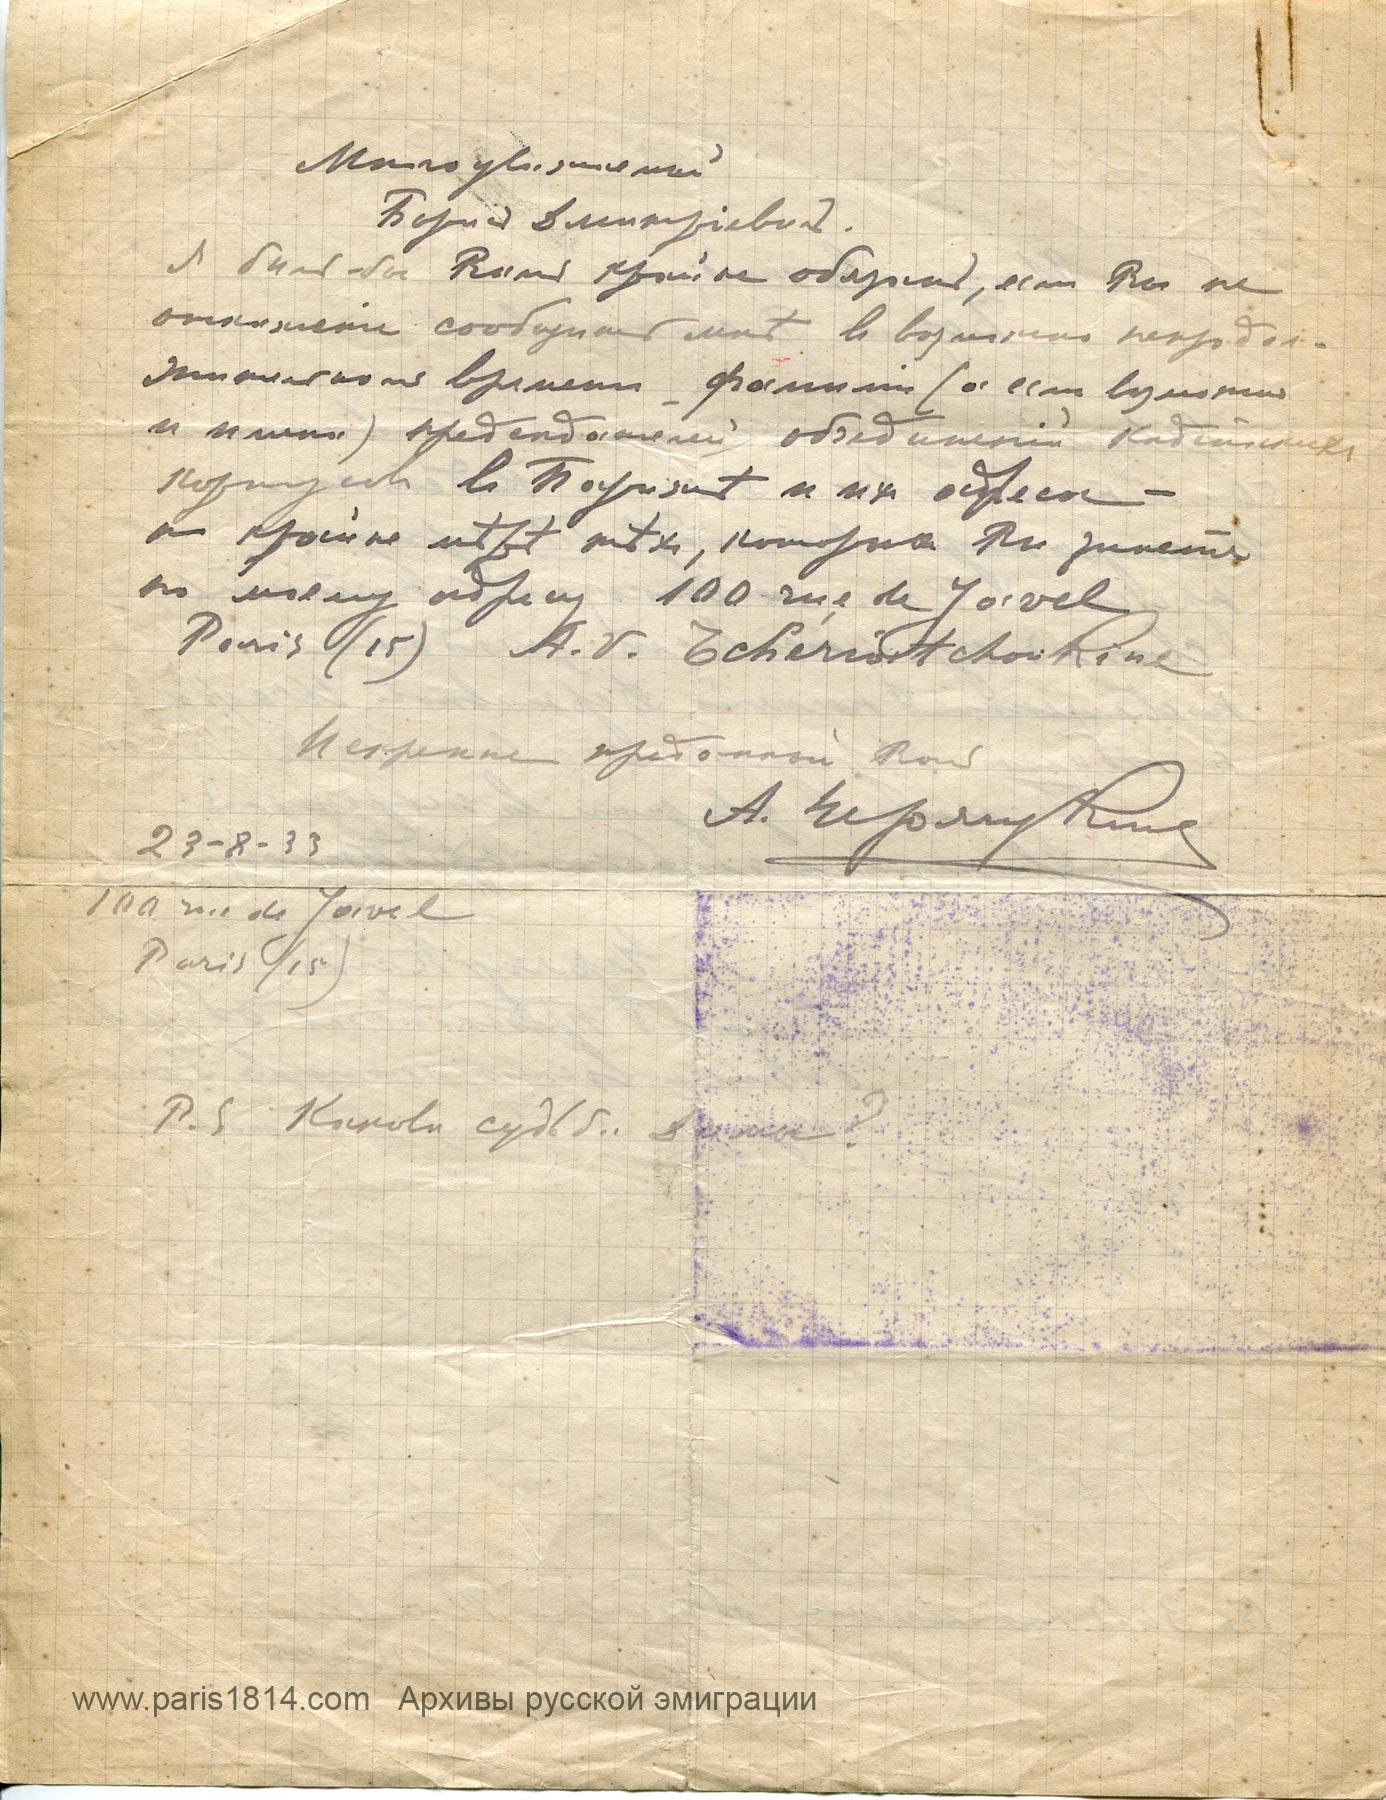 генерал лейтенант Черячукин письма